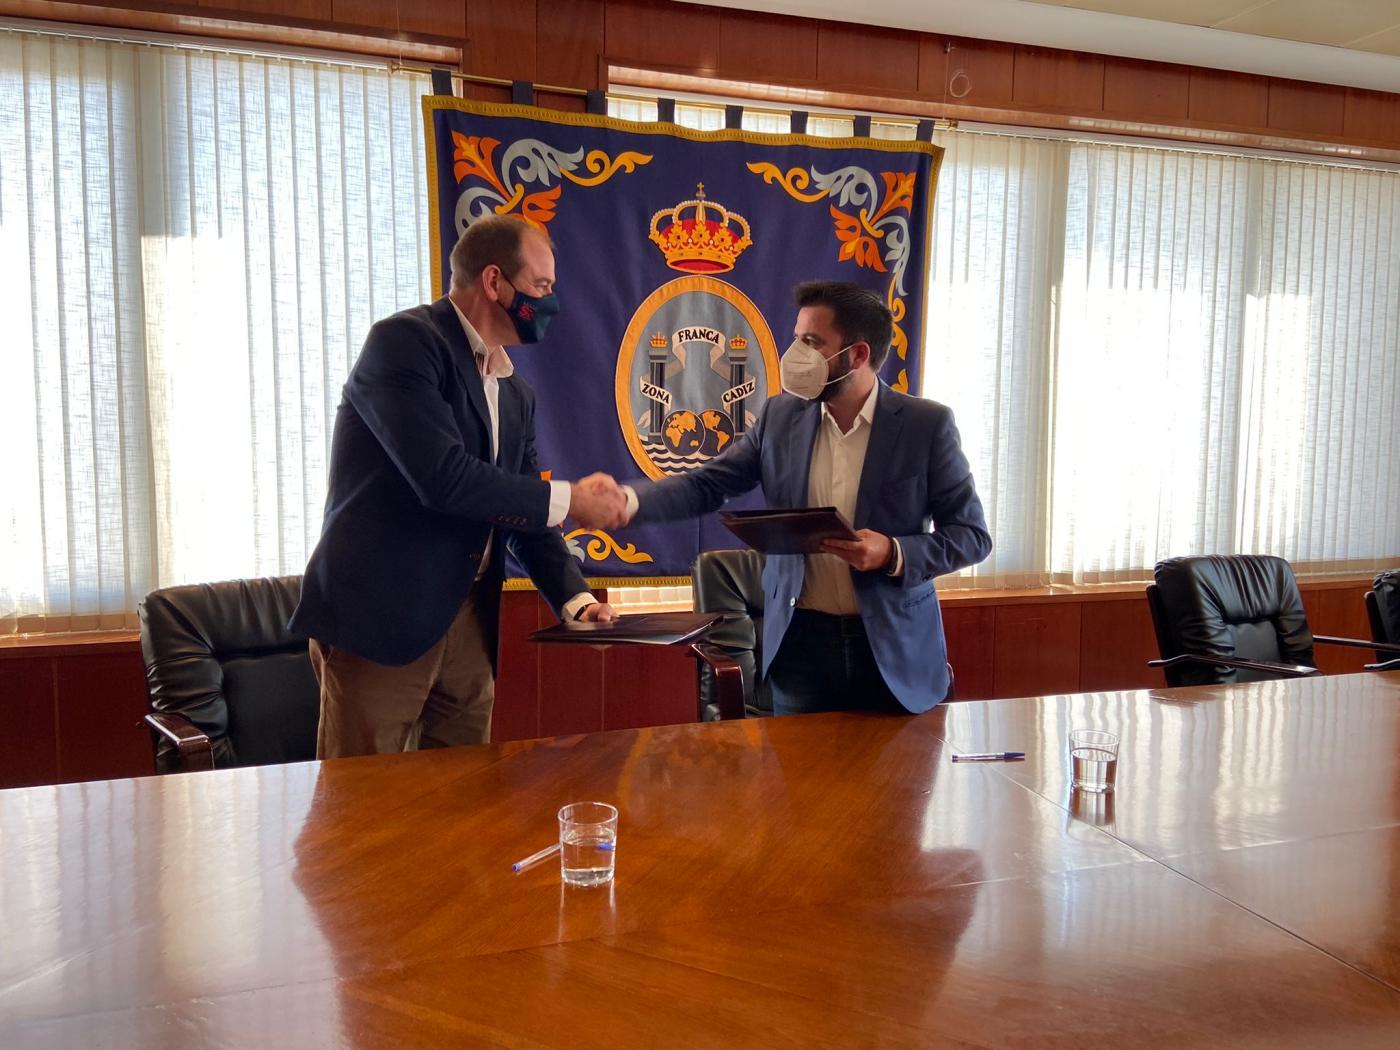 El Grupo Sola Ricca se instala en el Recinto Fiscal de la Zona Franca de Cádiz